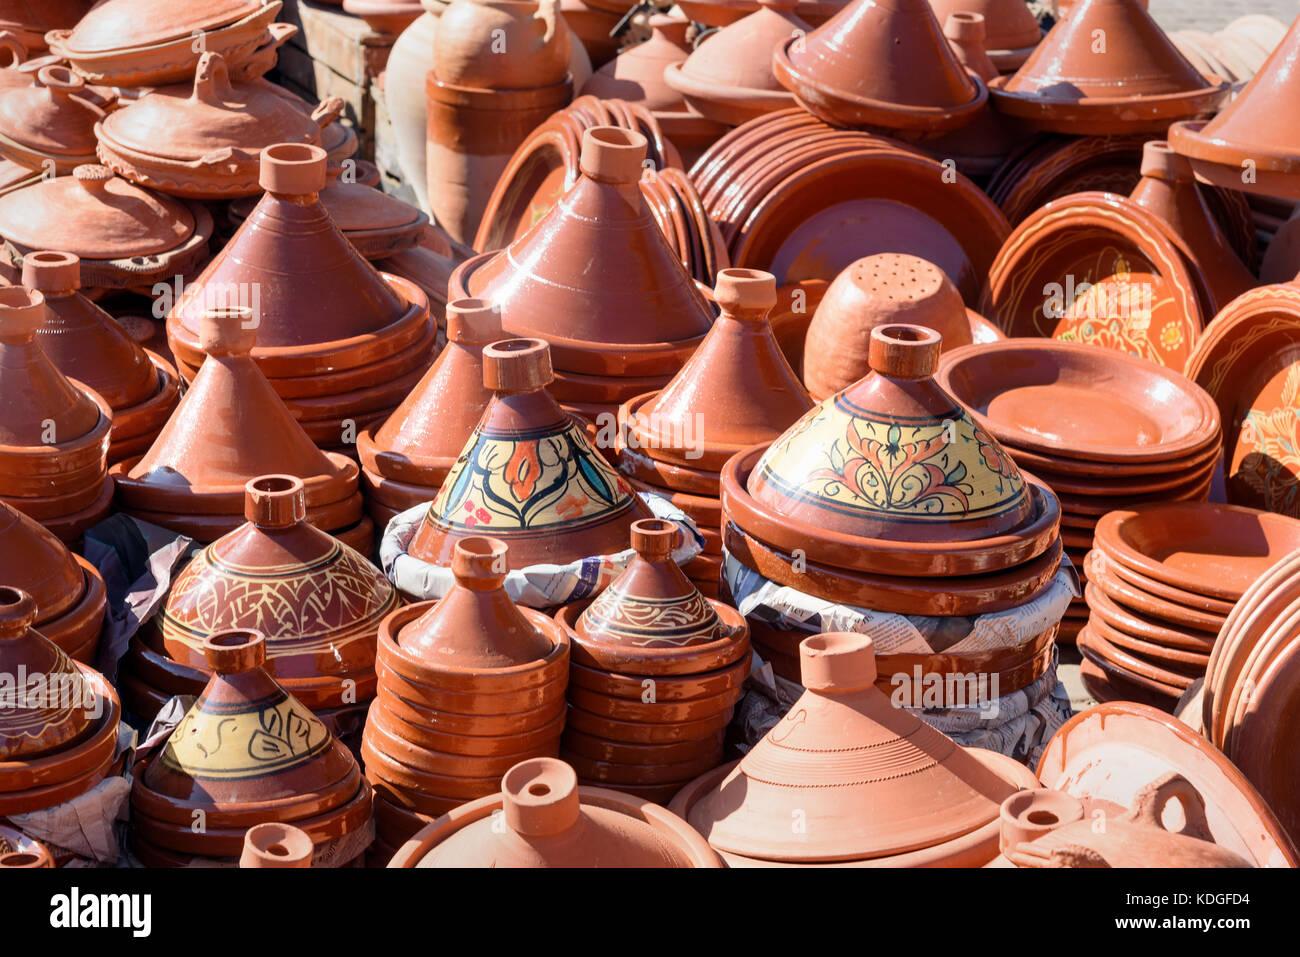 Ceramica tradizionale tagins per la vendita nel mercato della città di Meknes. Il Marocco Foto Stock